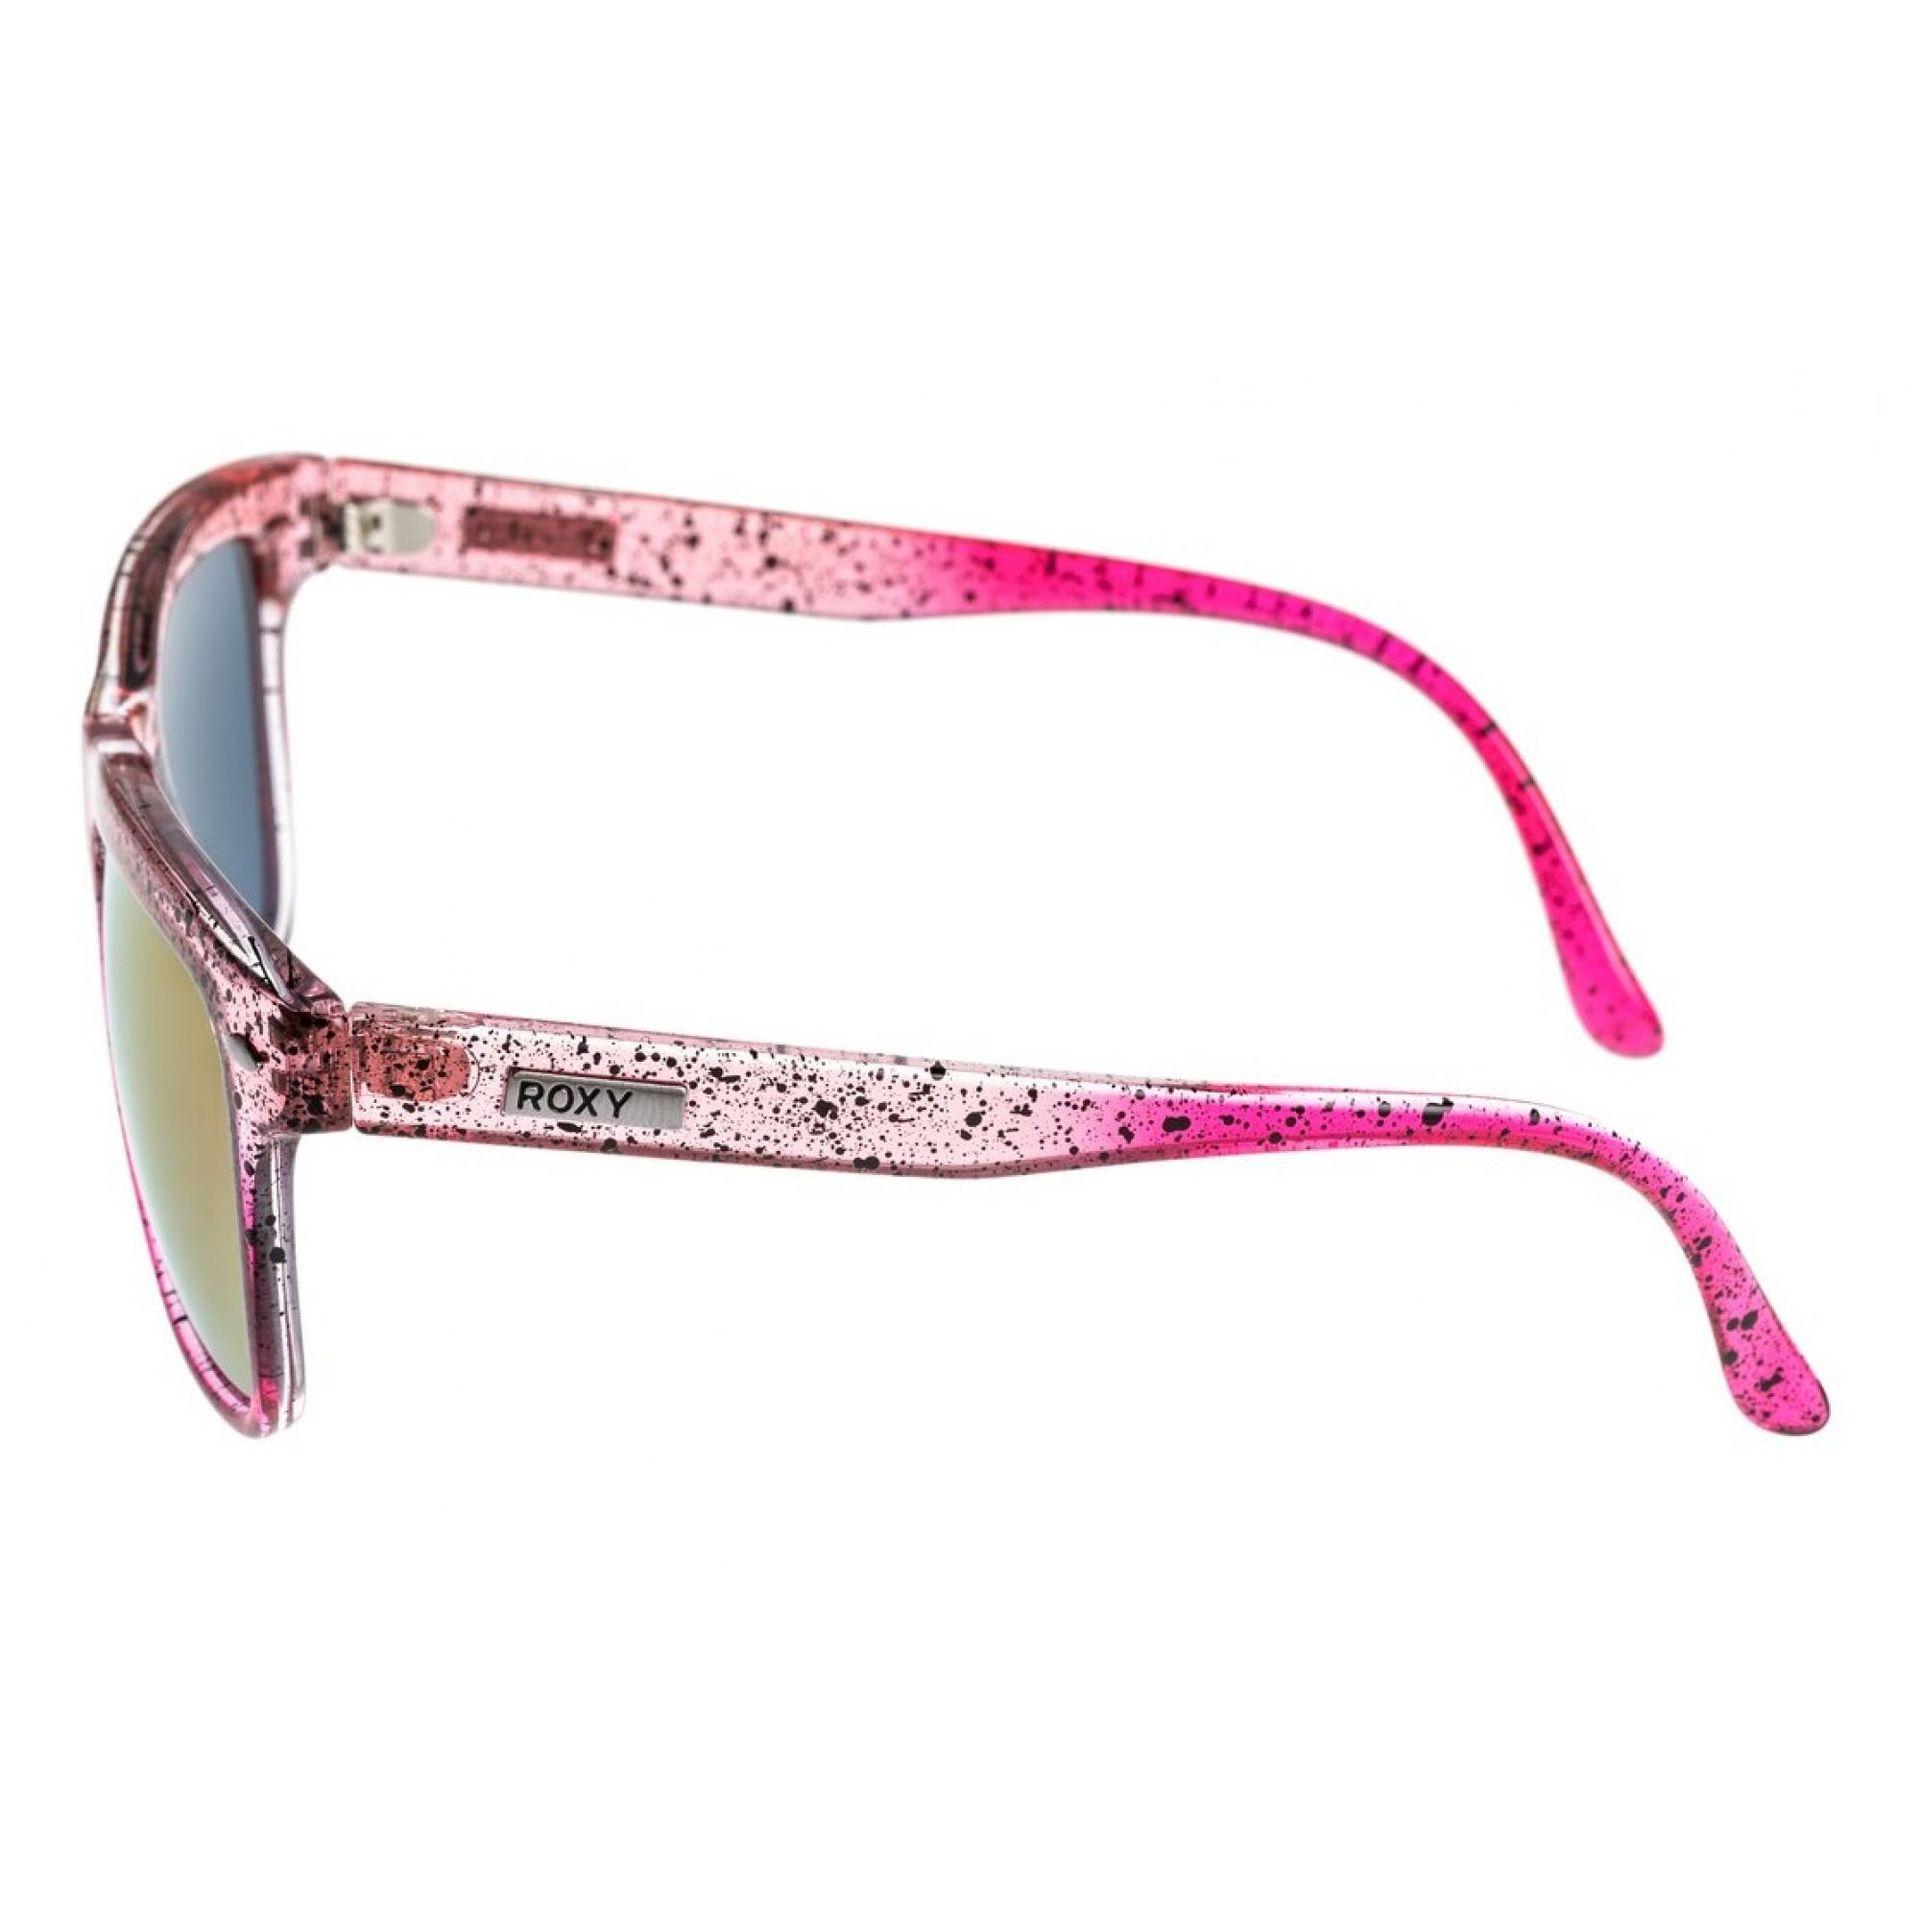 Okulary Roxy Miller J widok z boku różowy